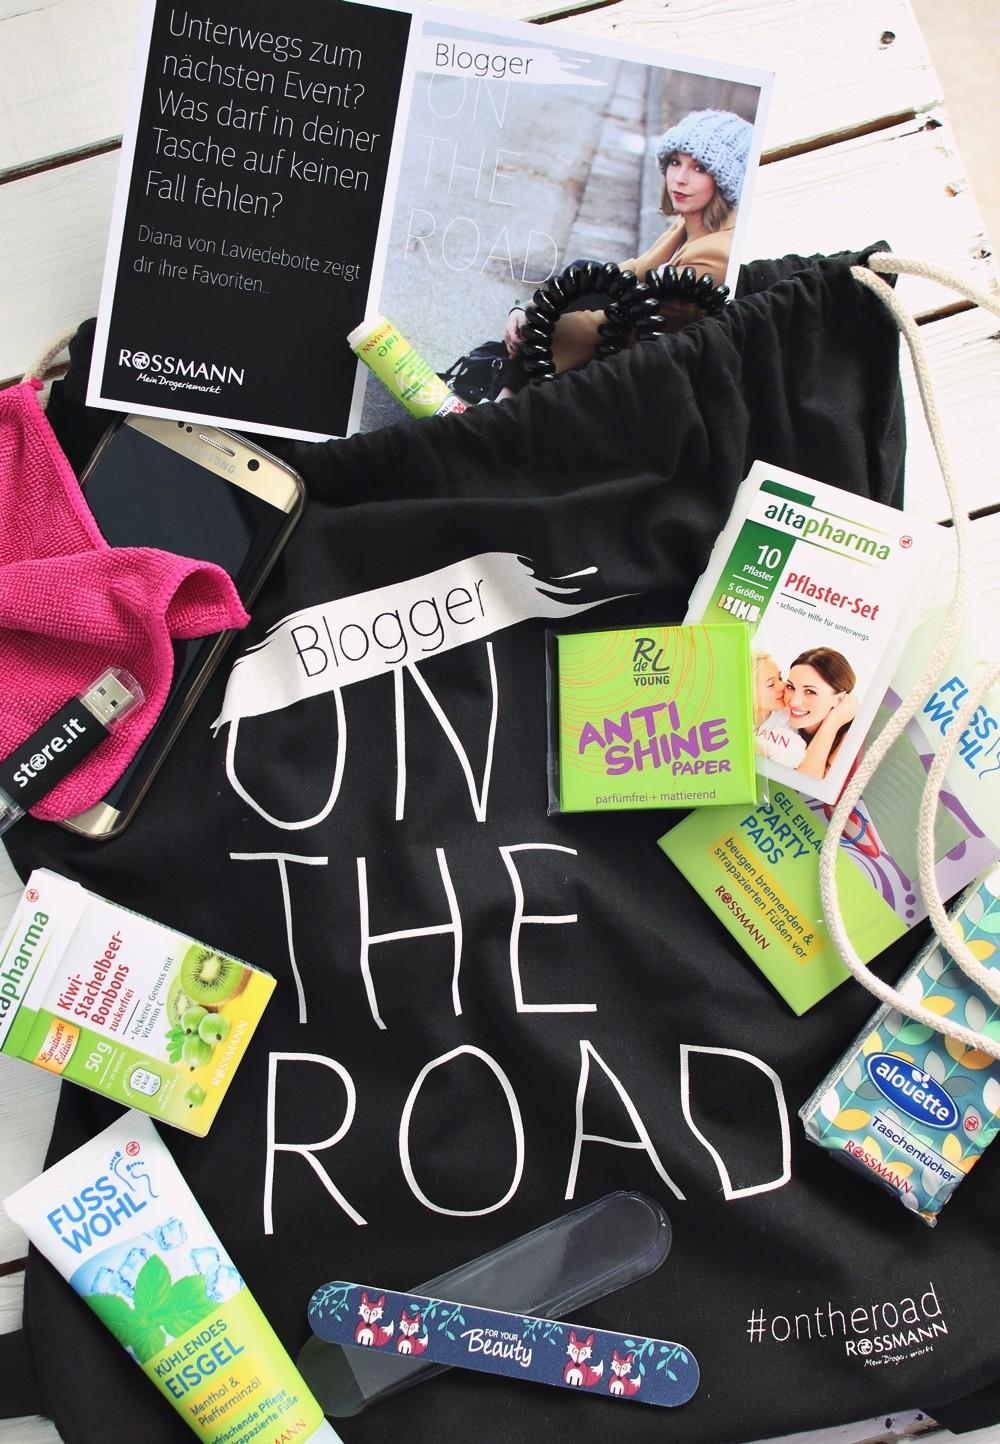 Rossmann Blogger on the road Kit nützliches für unterwegs (2)